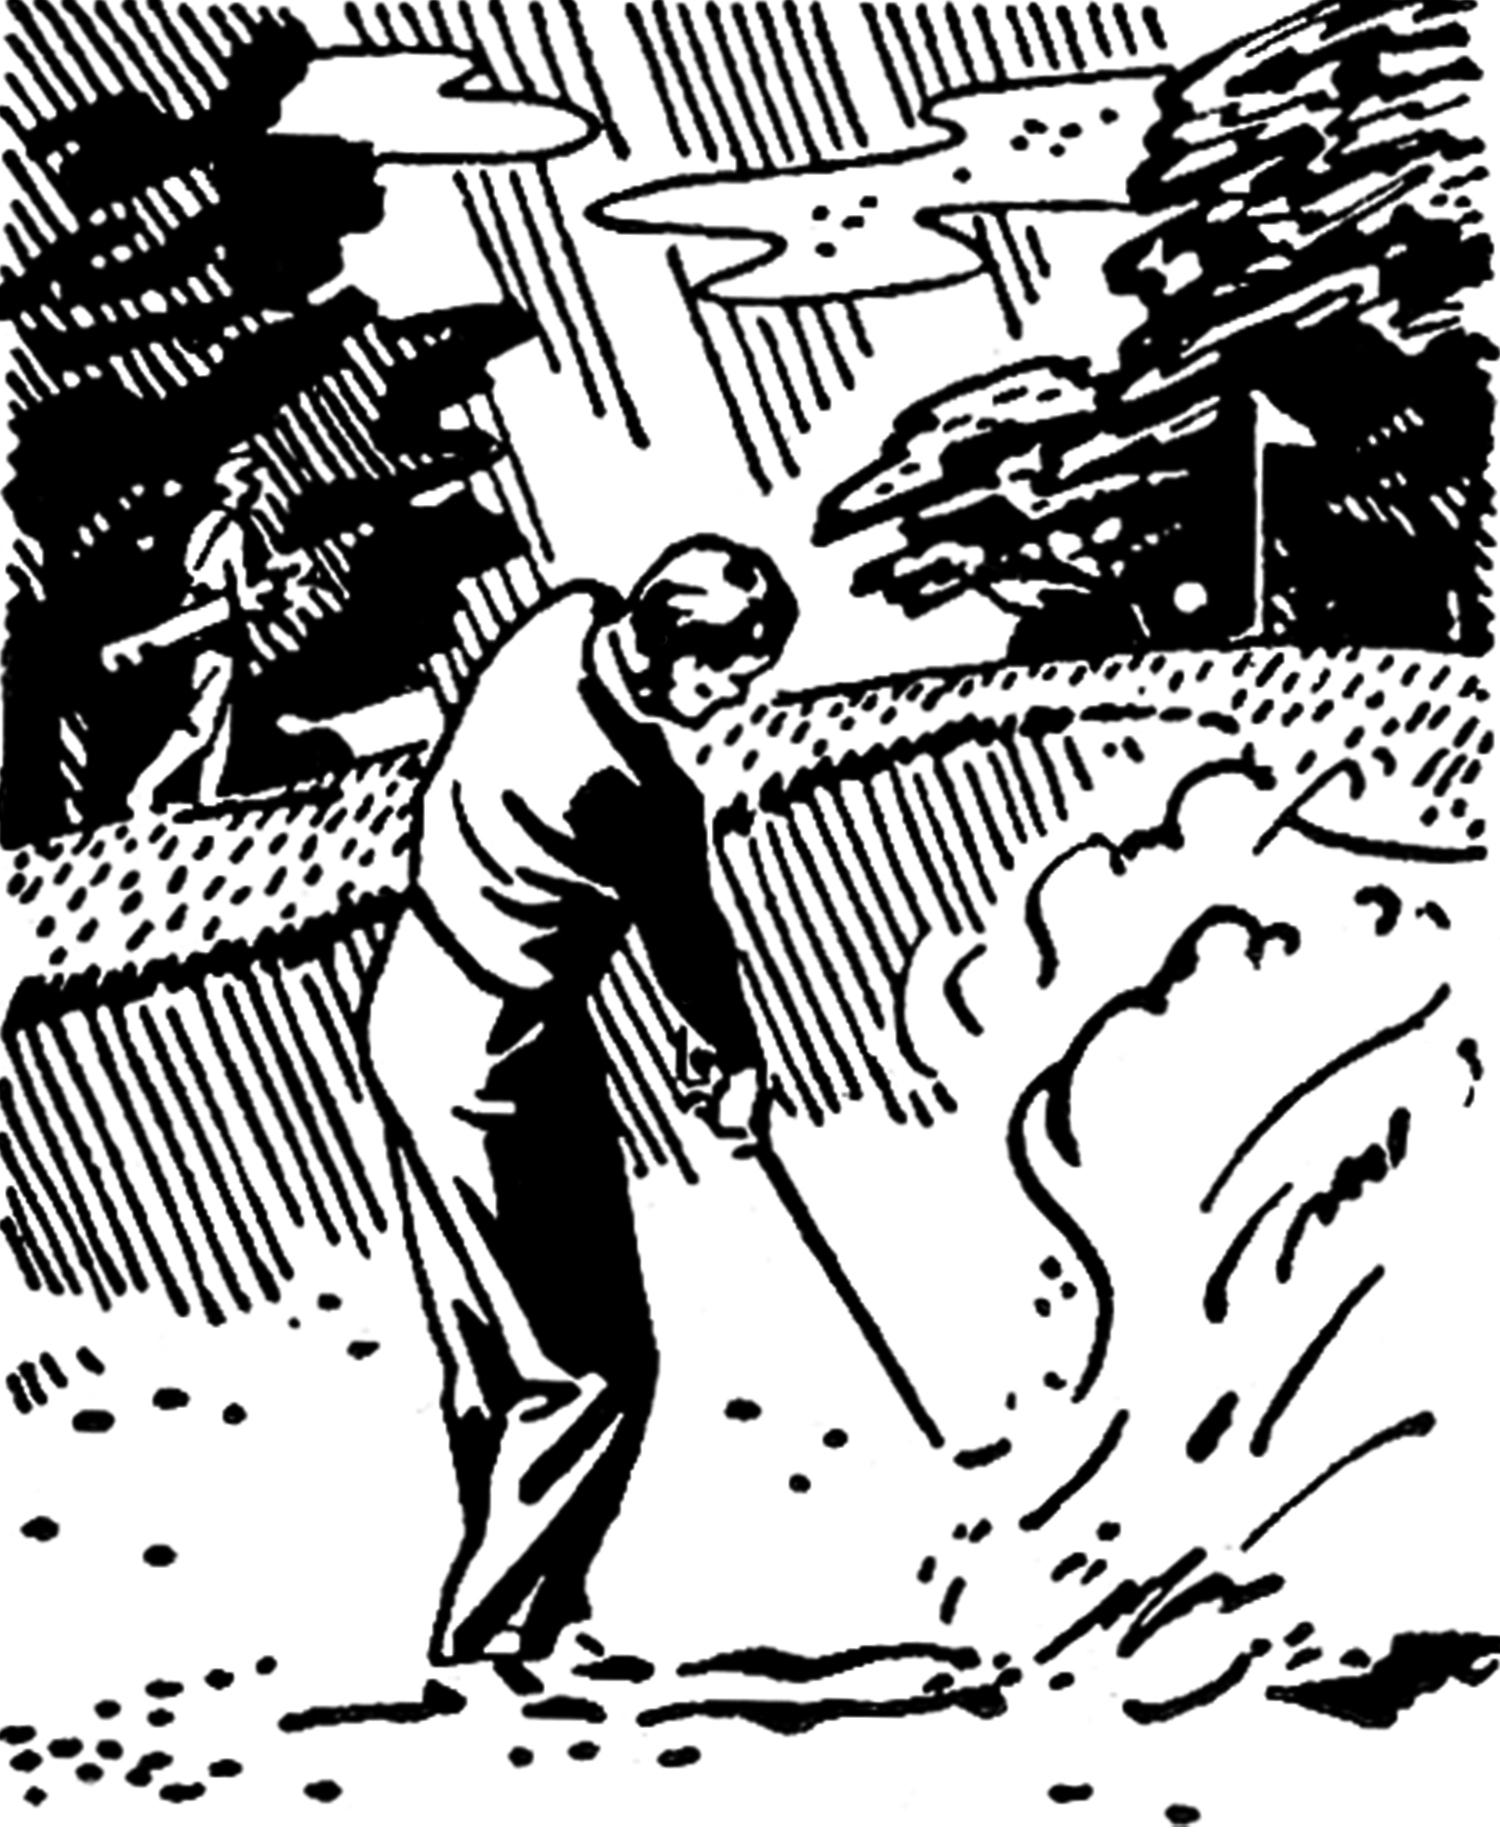 Retro Golf Images